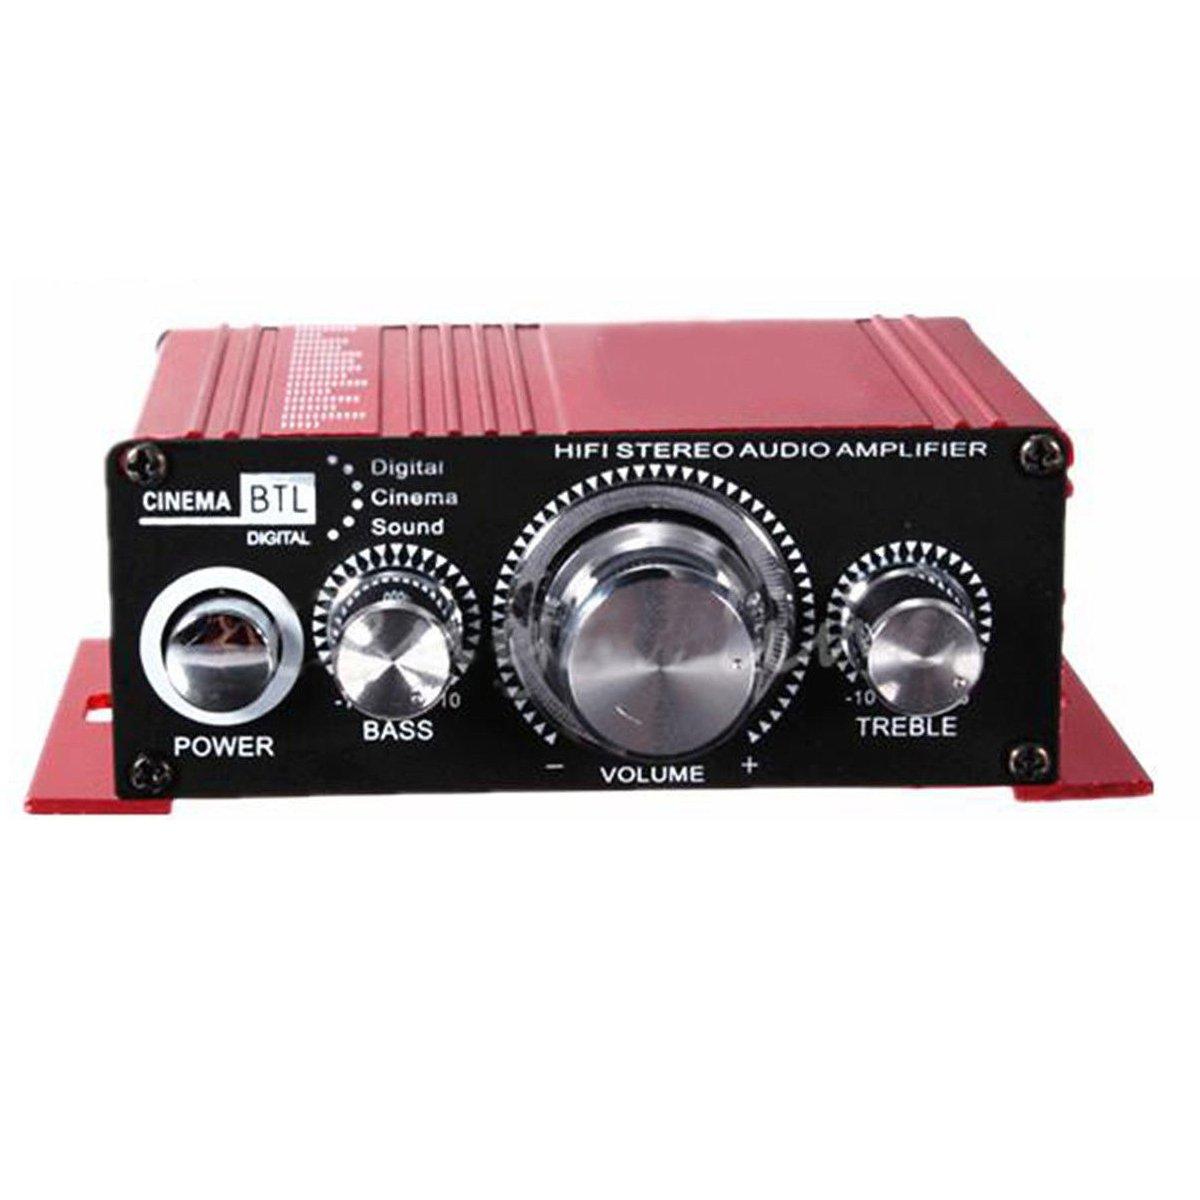 Amplificateur audio - SODIAL(R) 12V Mini Hi-Fi Amplificateur audio Booster MP3 stereo pour maison Auto Moto Bateau 62282